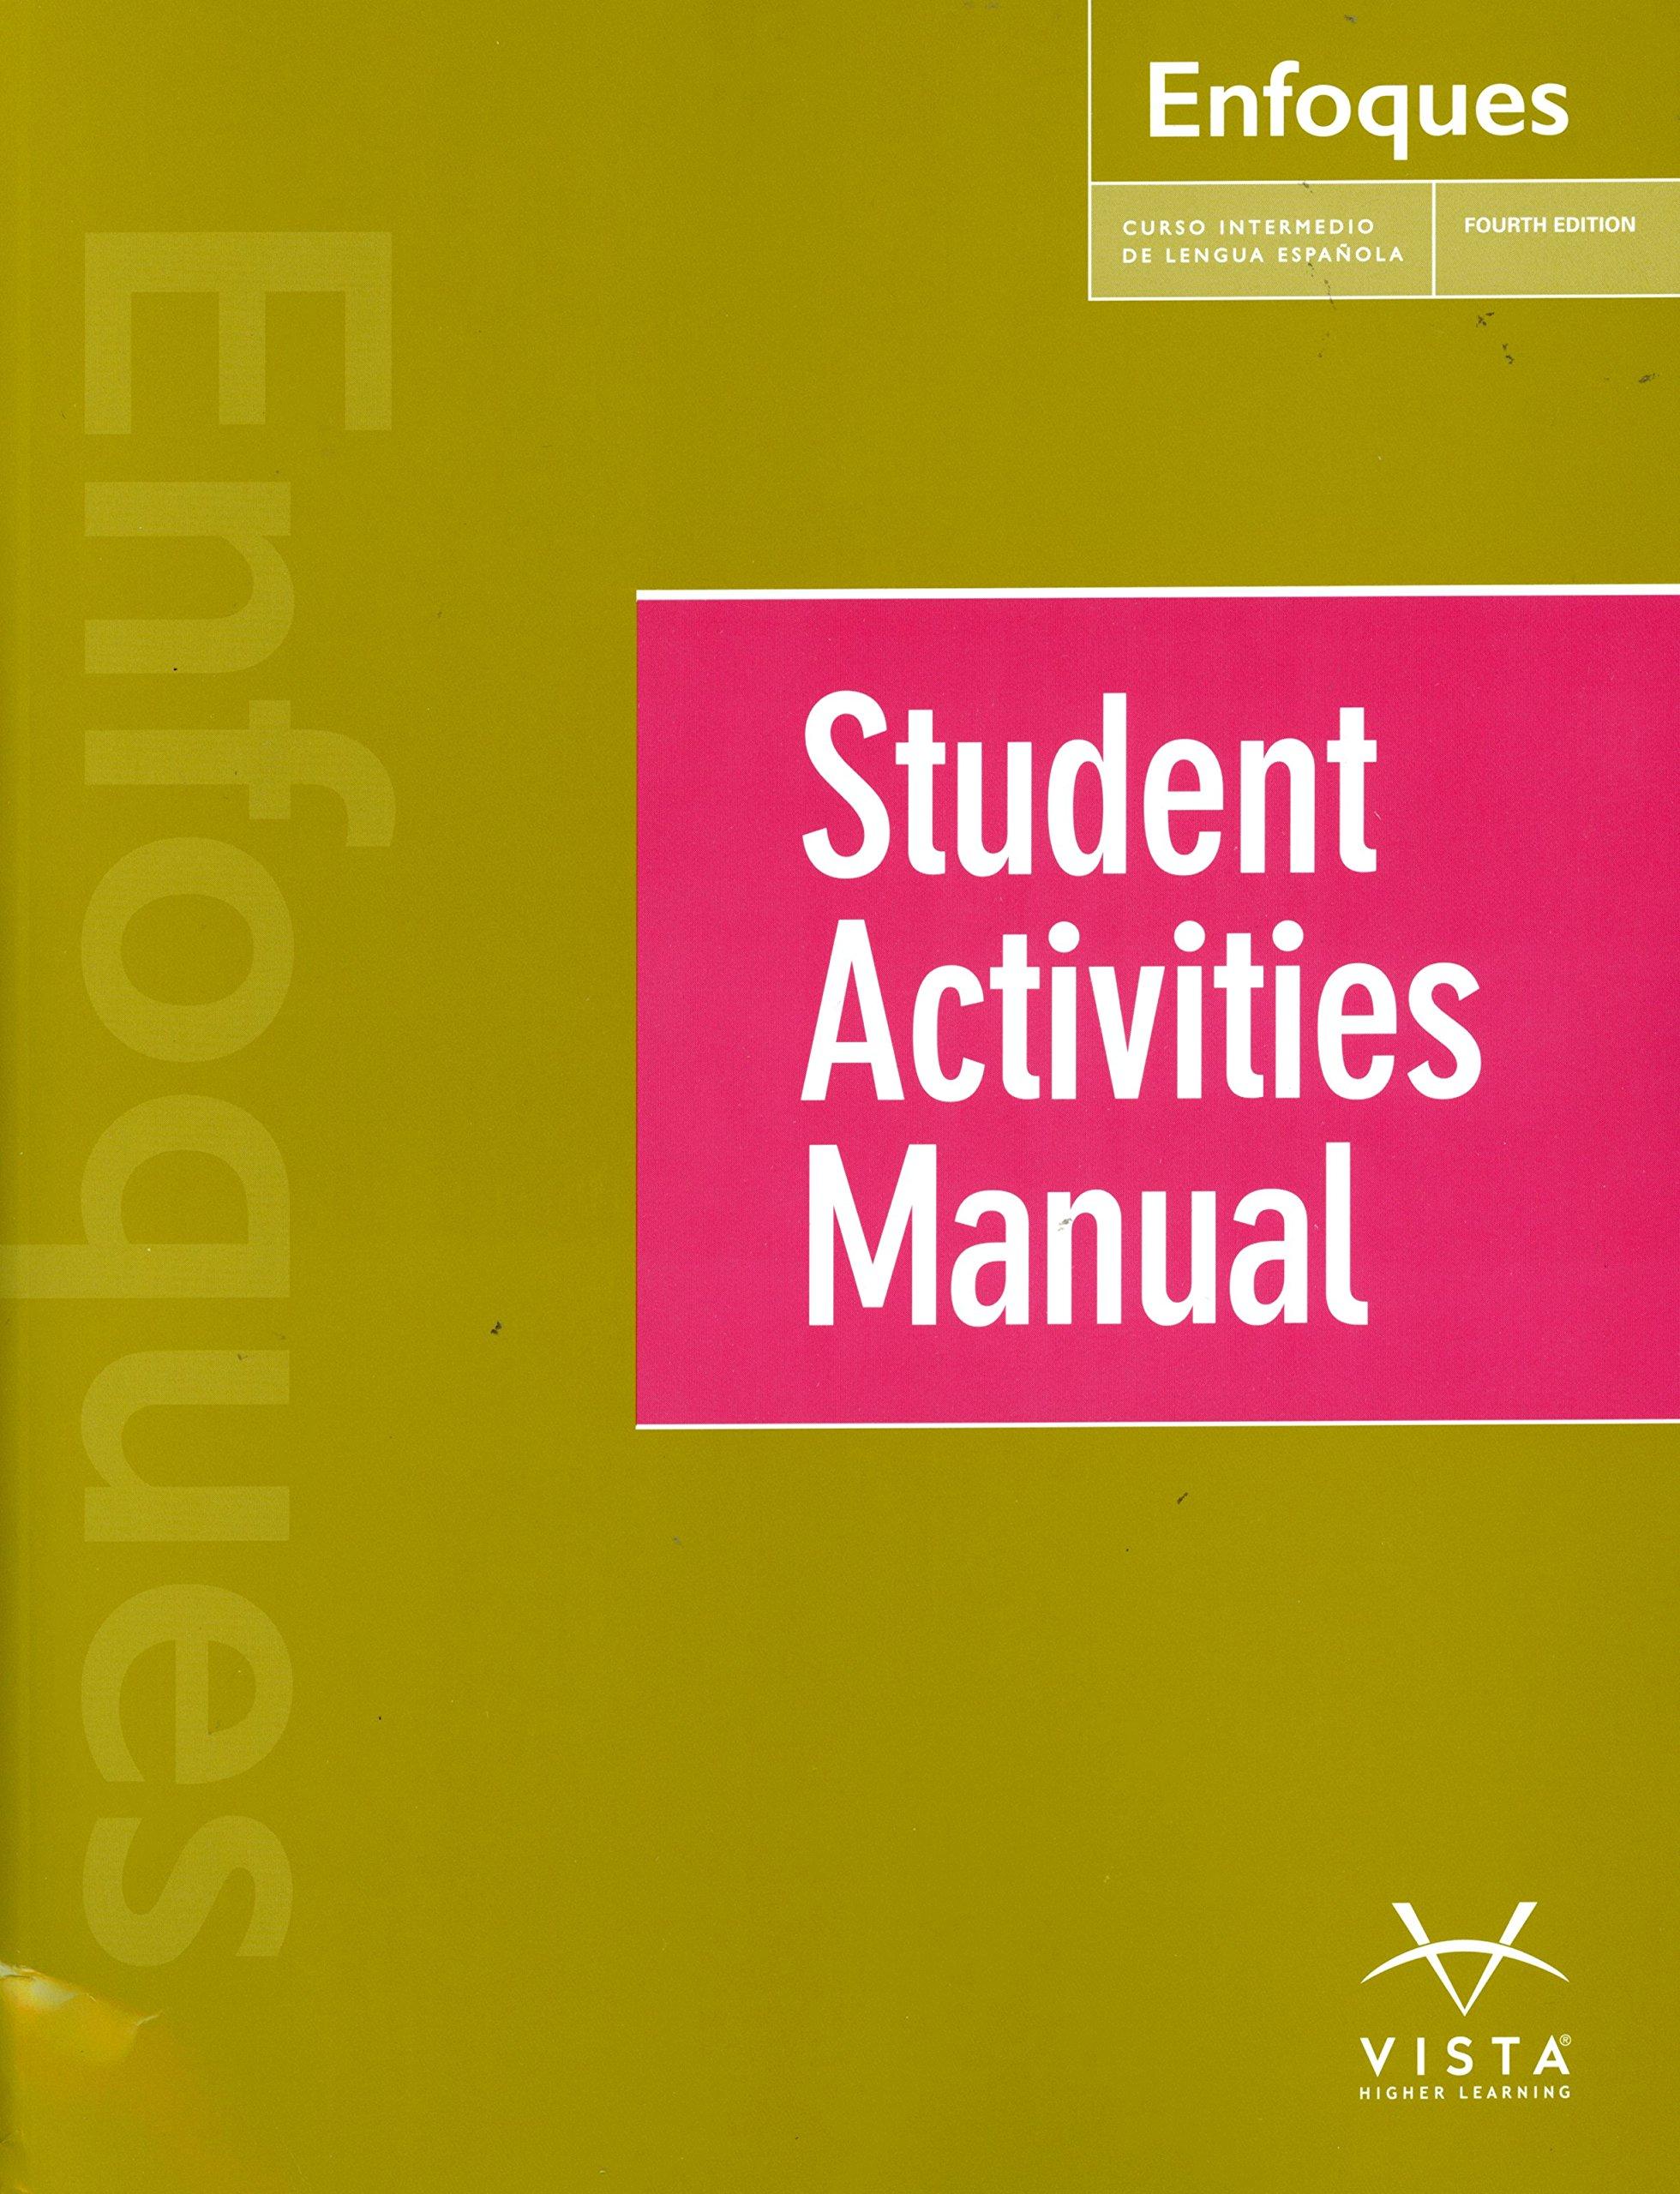 Enfoques-student activity manual: vhl: 9781626806924: amazon. Com.